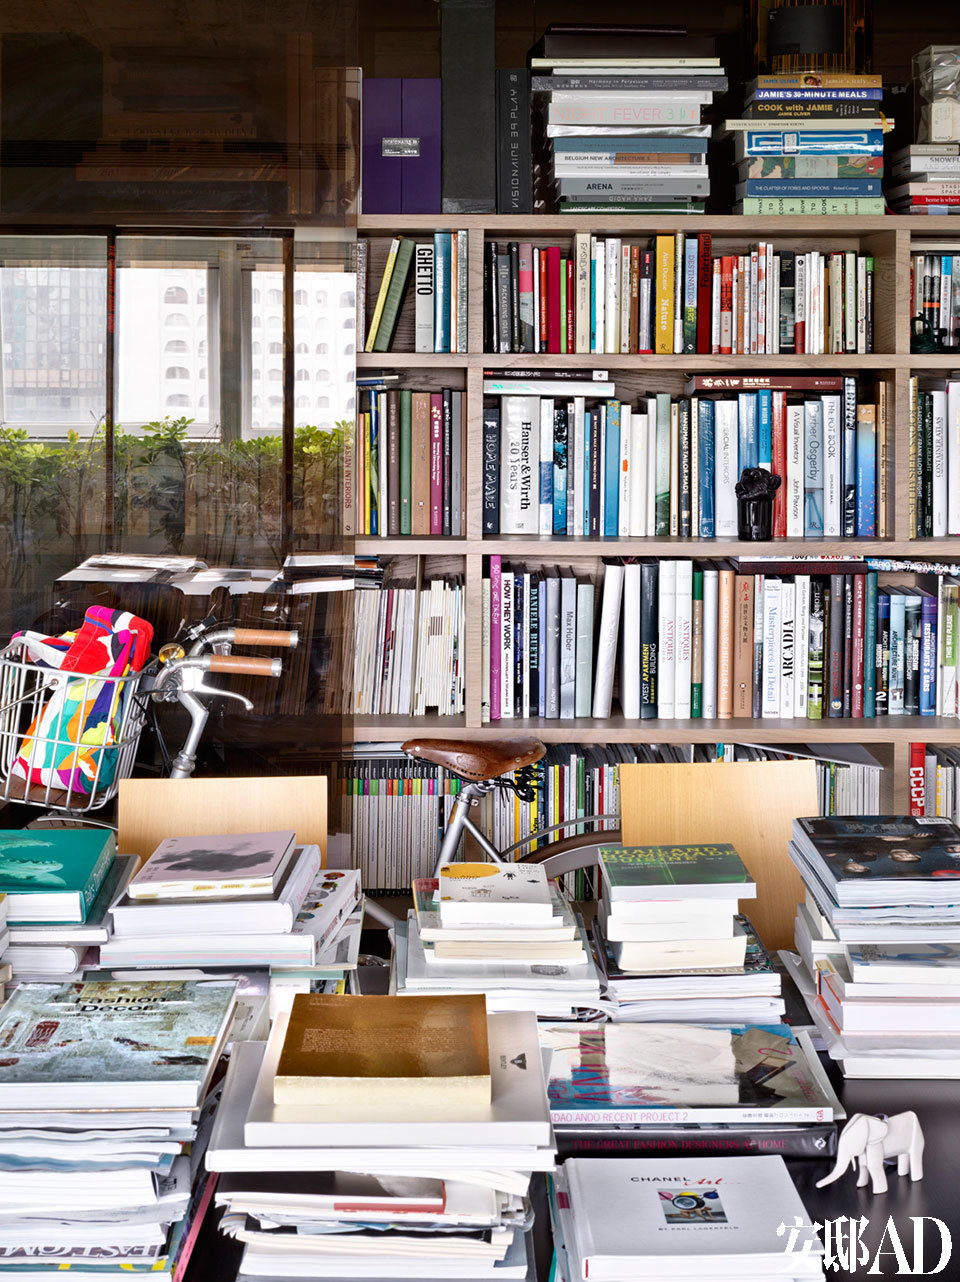 爱书如痴的包益民,已有10多万本书籍。设计师特意设计咖啡色玻璃的书柜,与地板色调相呼应。